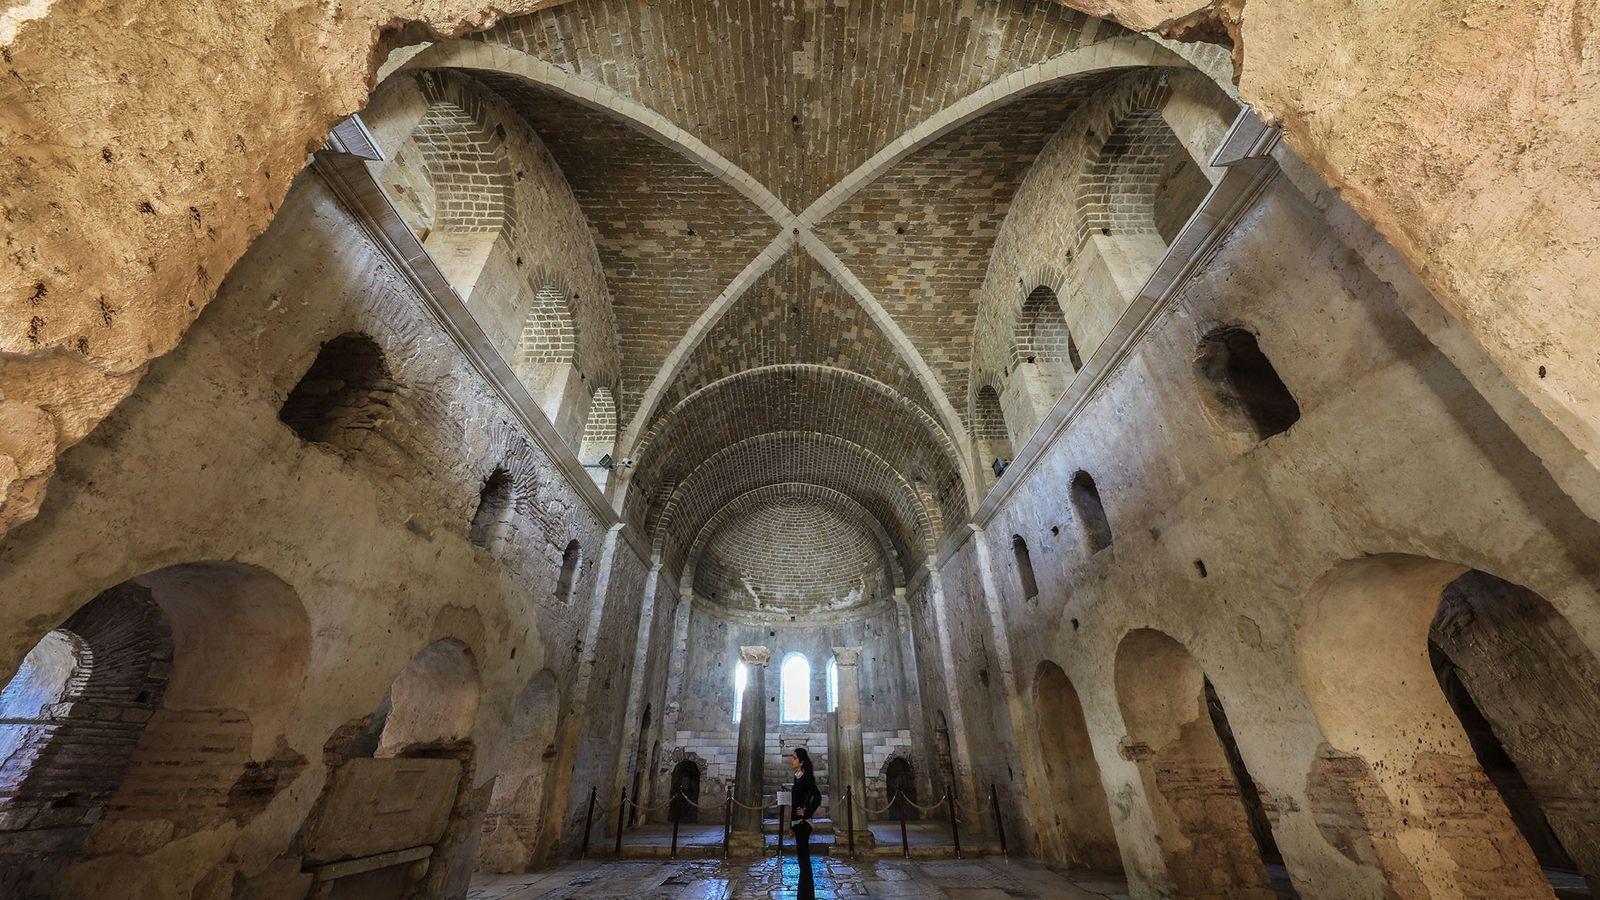 L'intérieur de l'église Saint-Nicolas, située dans la ville antique de Myre, dans la province d'Antalya, en ...